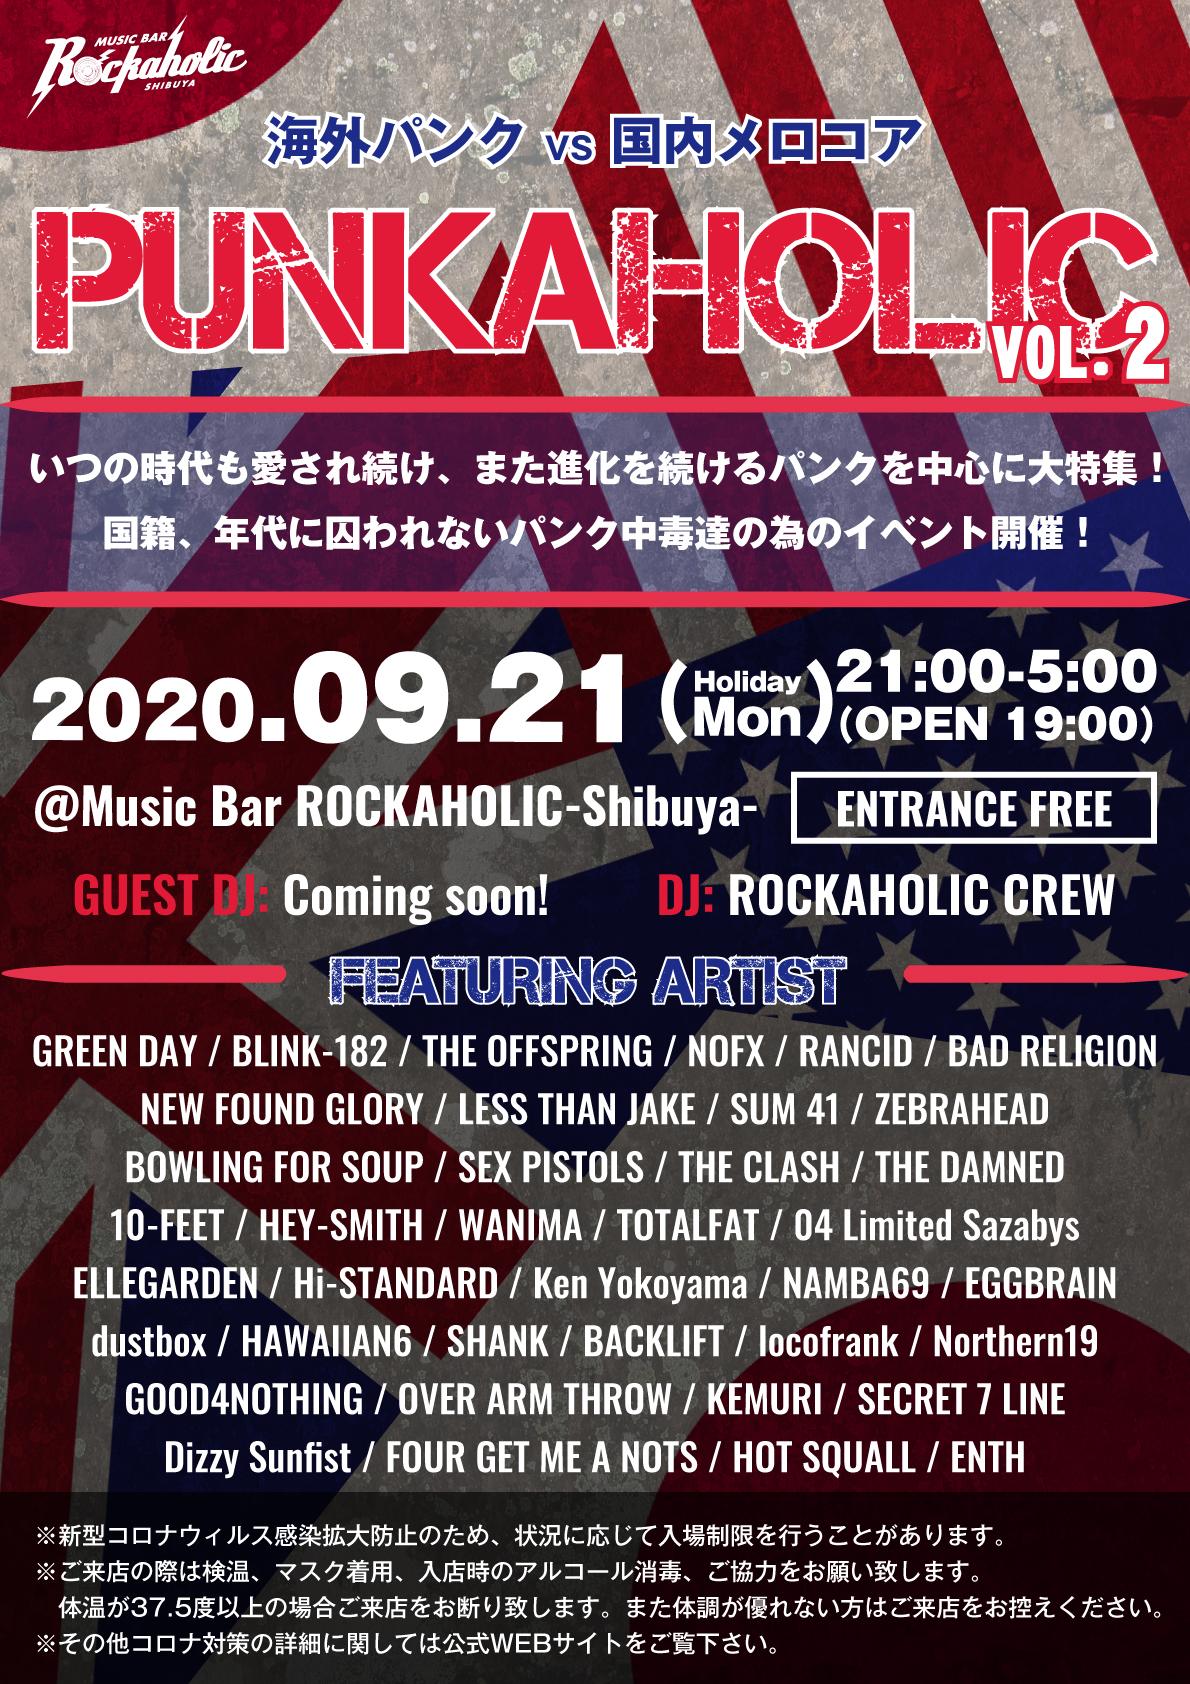 https://bar-rockaholic.jp/shibuya/blog/IMG_20200915_031123.jpg